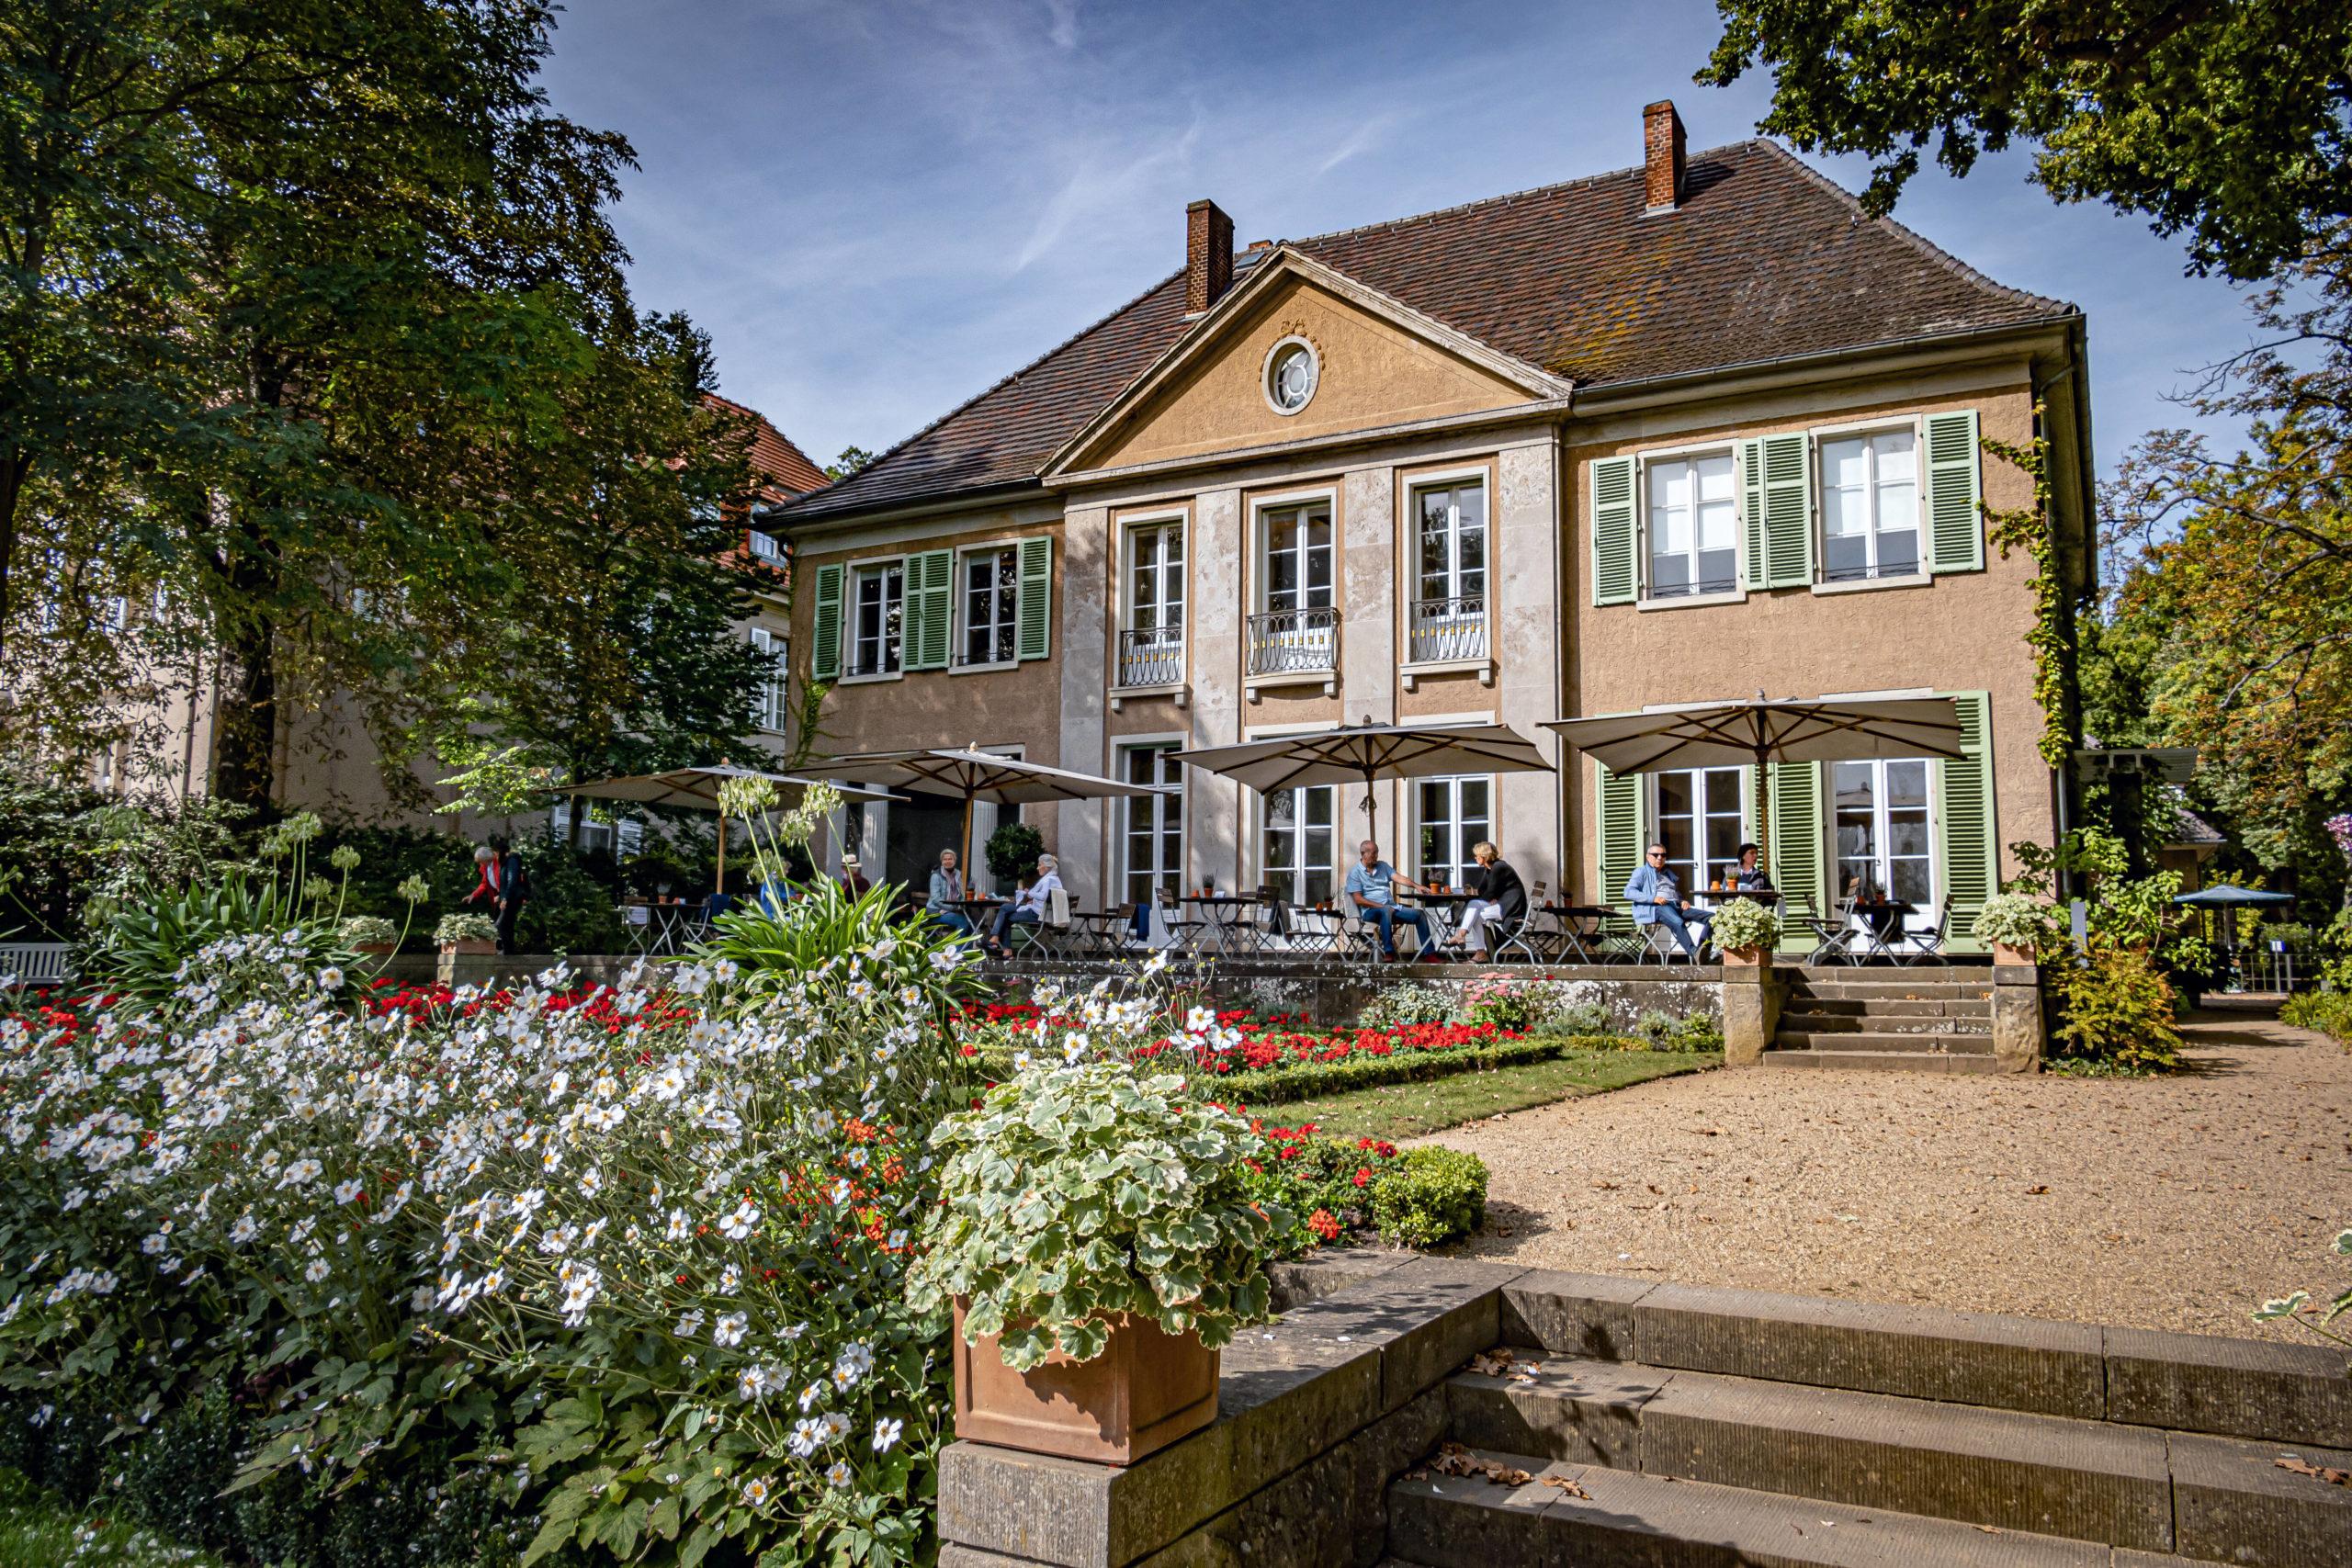 Der impressionistische Maler Max Liebermann verbrachte seine Sommer in seinem Haus am Wannsee. Die Liebermann-Villa ist heute öffentliches Kunstmuseum und Café. Foto: Imago/Ritter